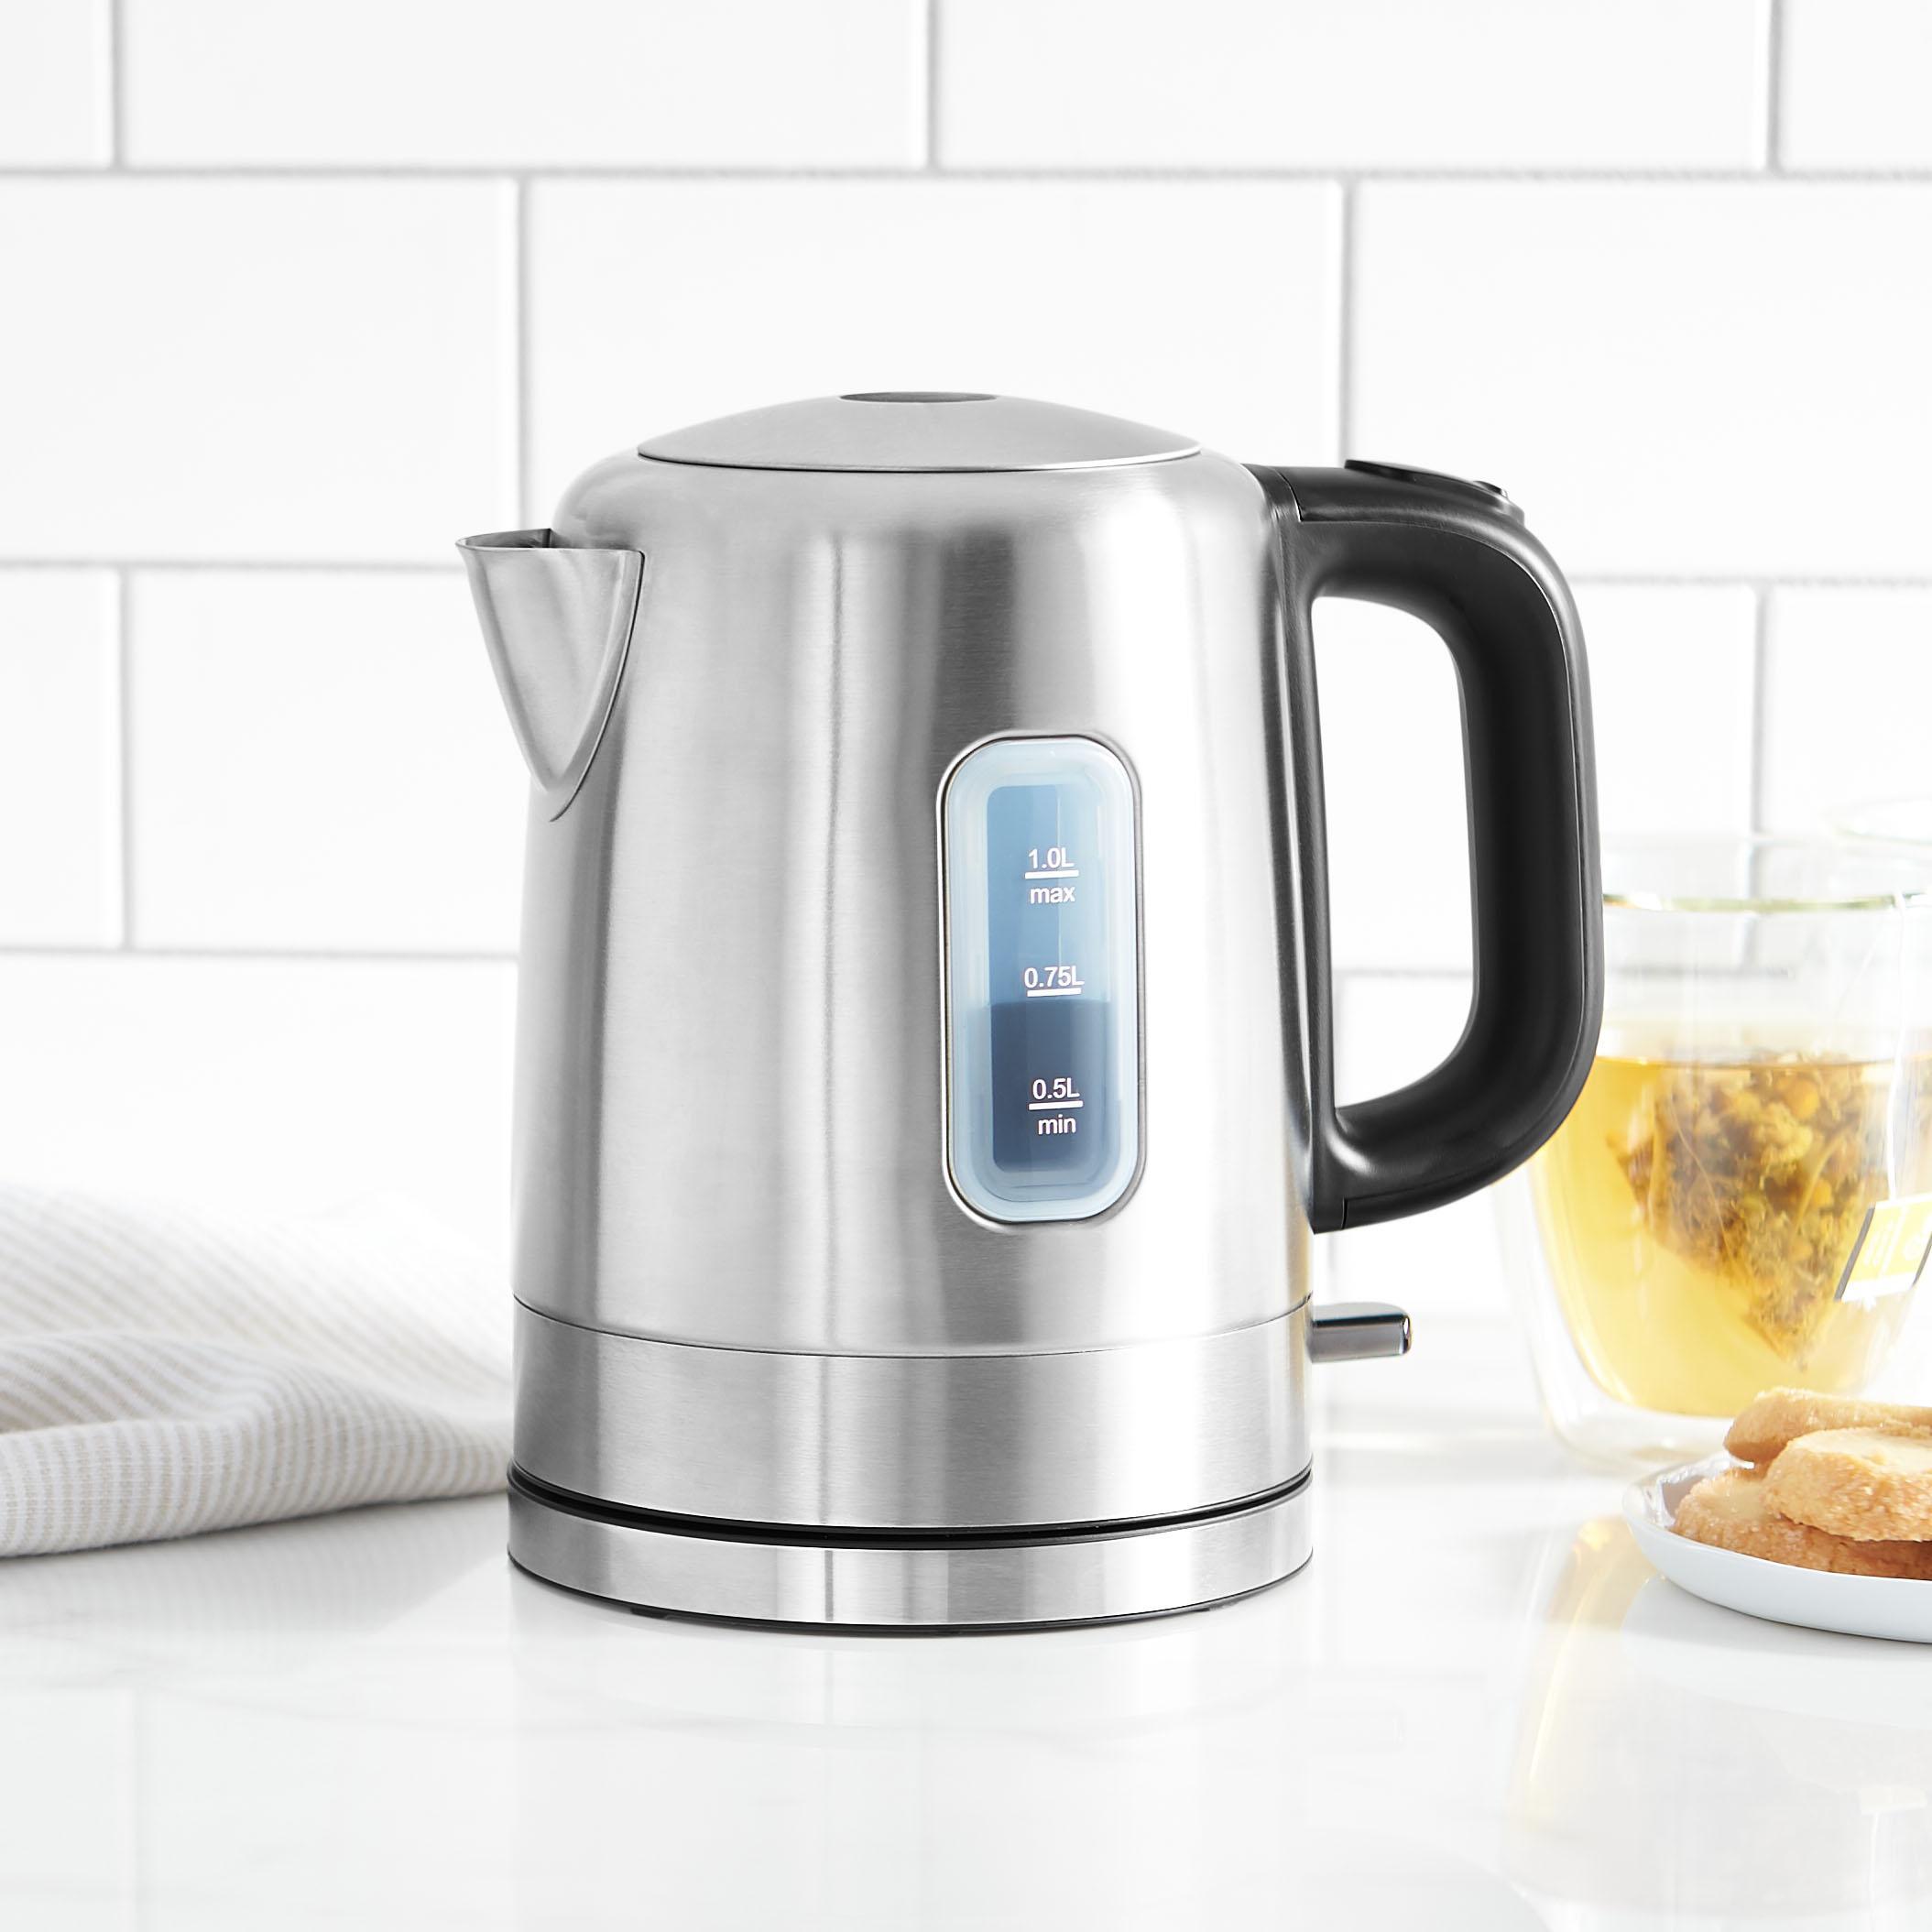 Stainless Electric Kettle ~ Amazon amazonbasics stainless steel electric kettle